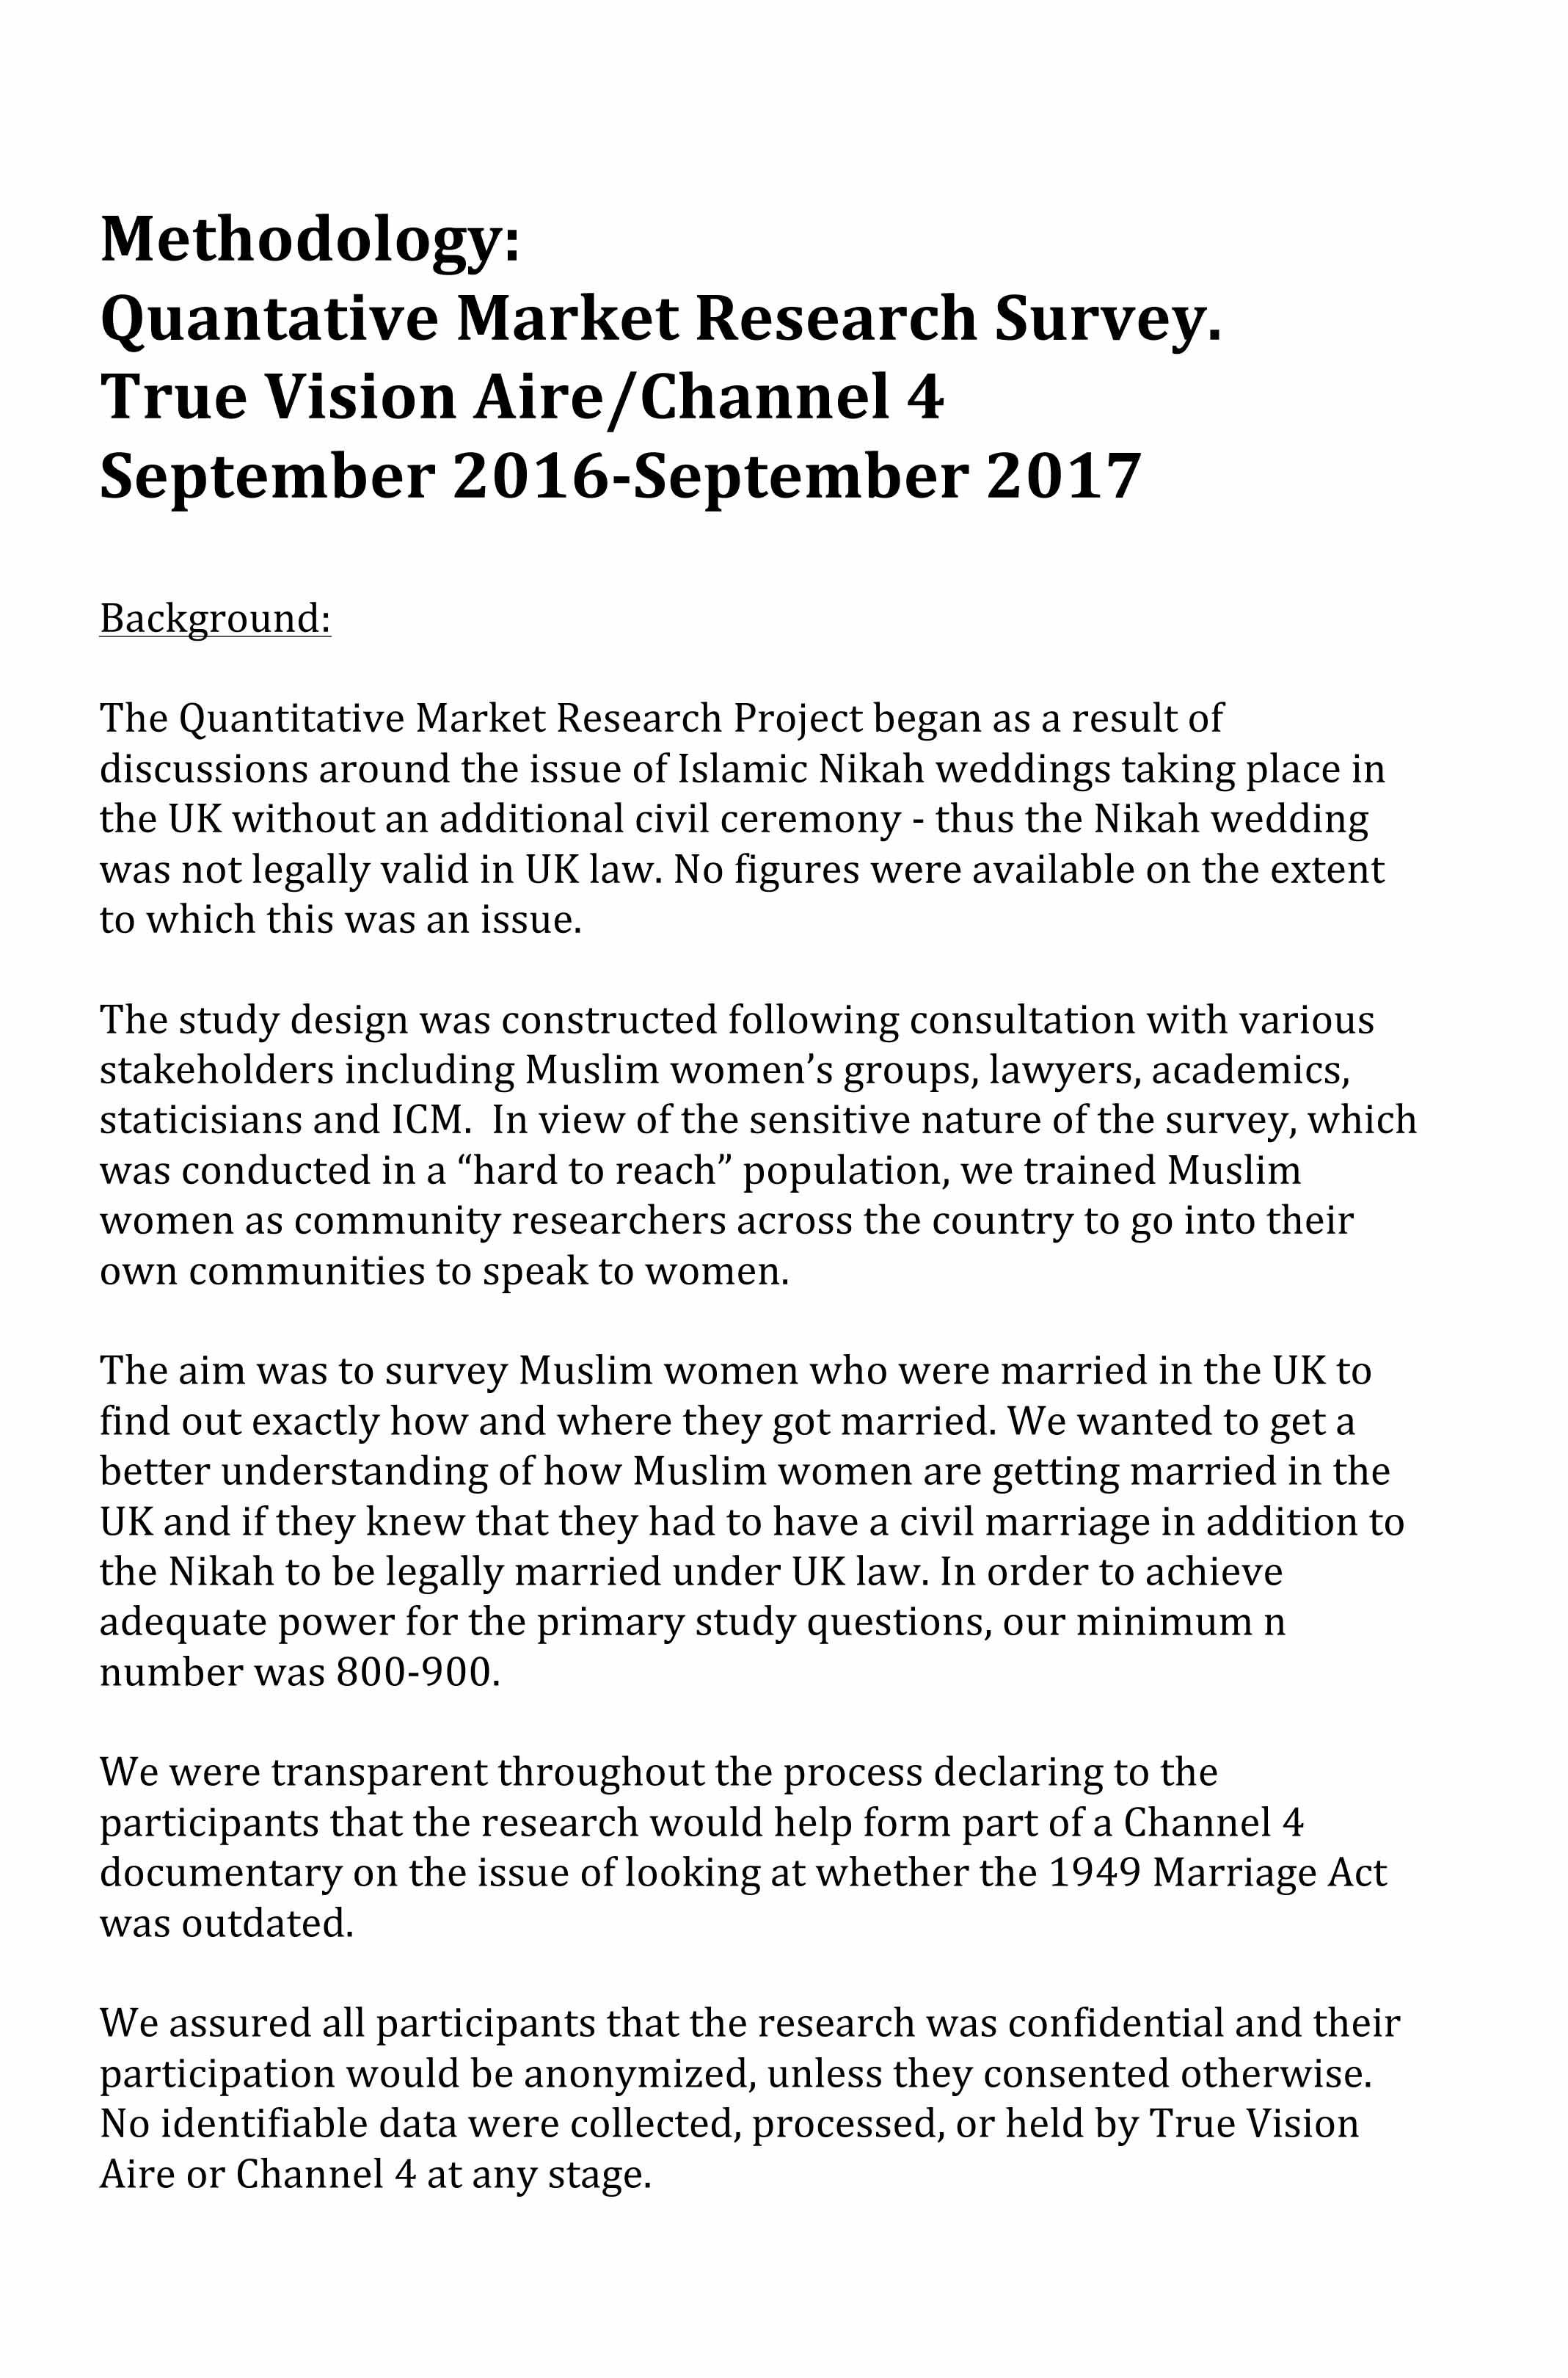 muslim dating dating dokumentar